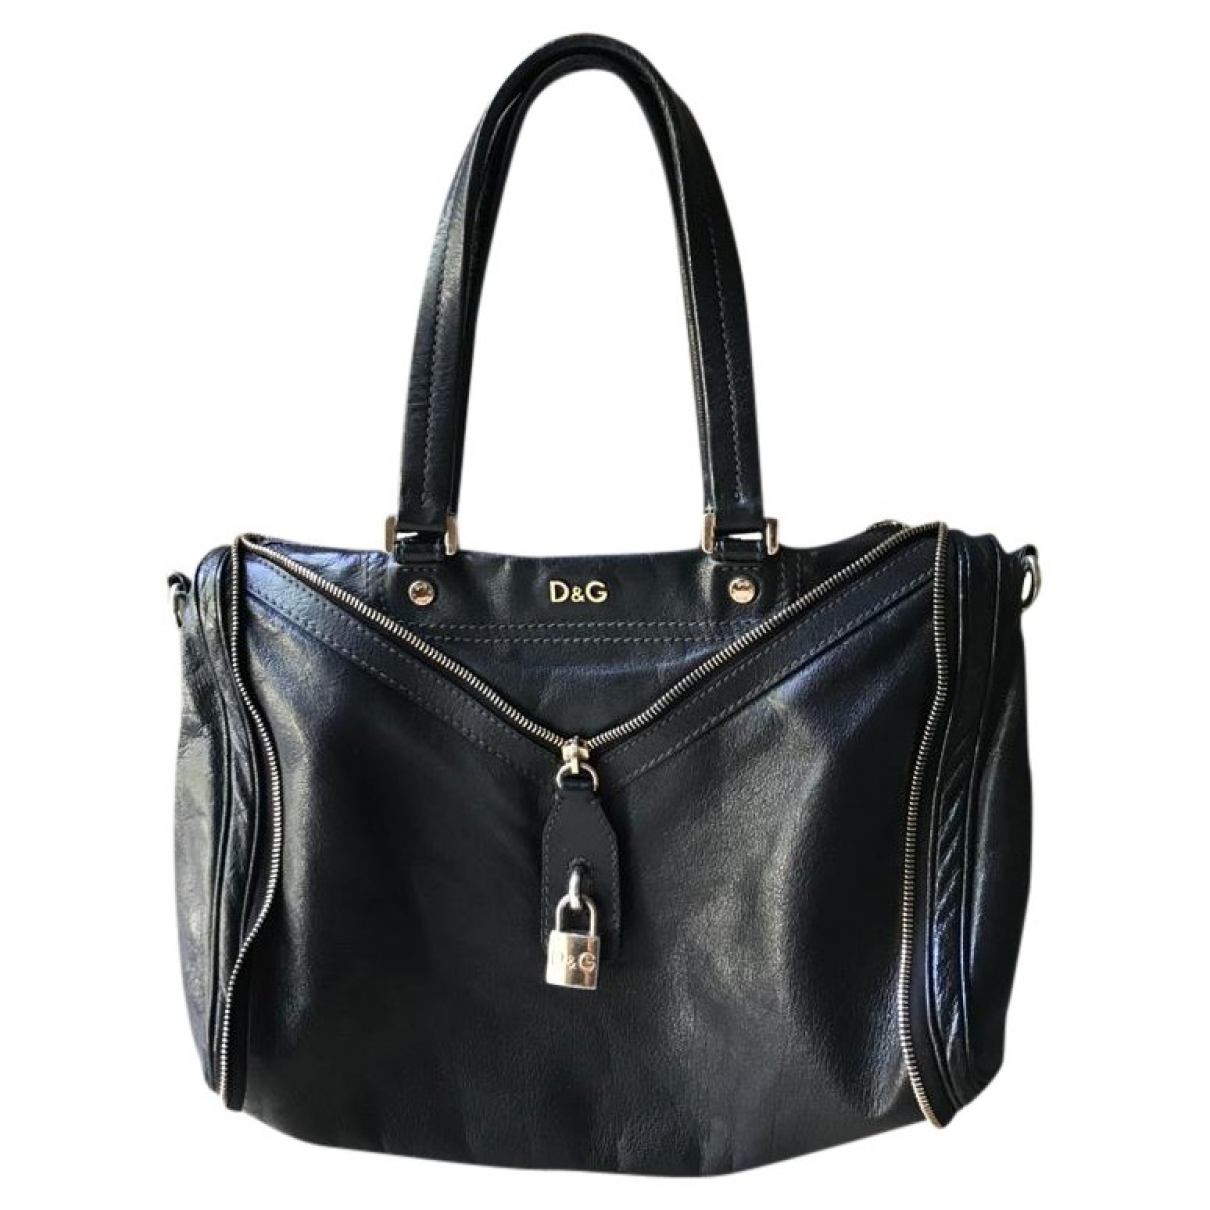 D&g \N Black Leather handbag for Women \N